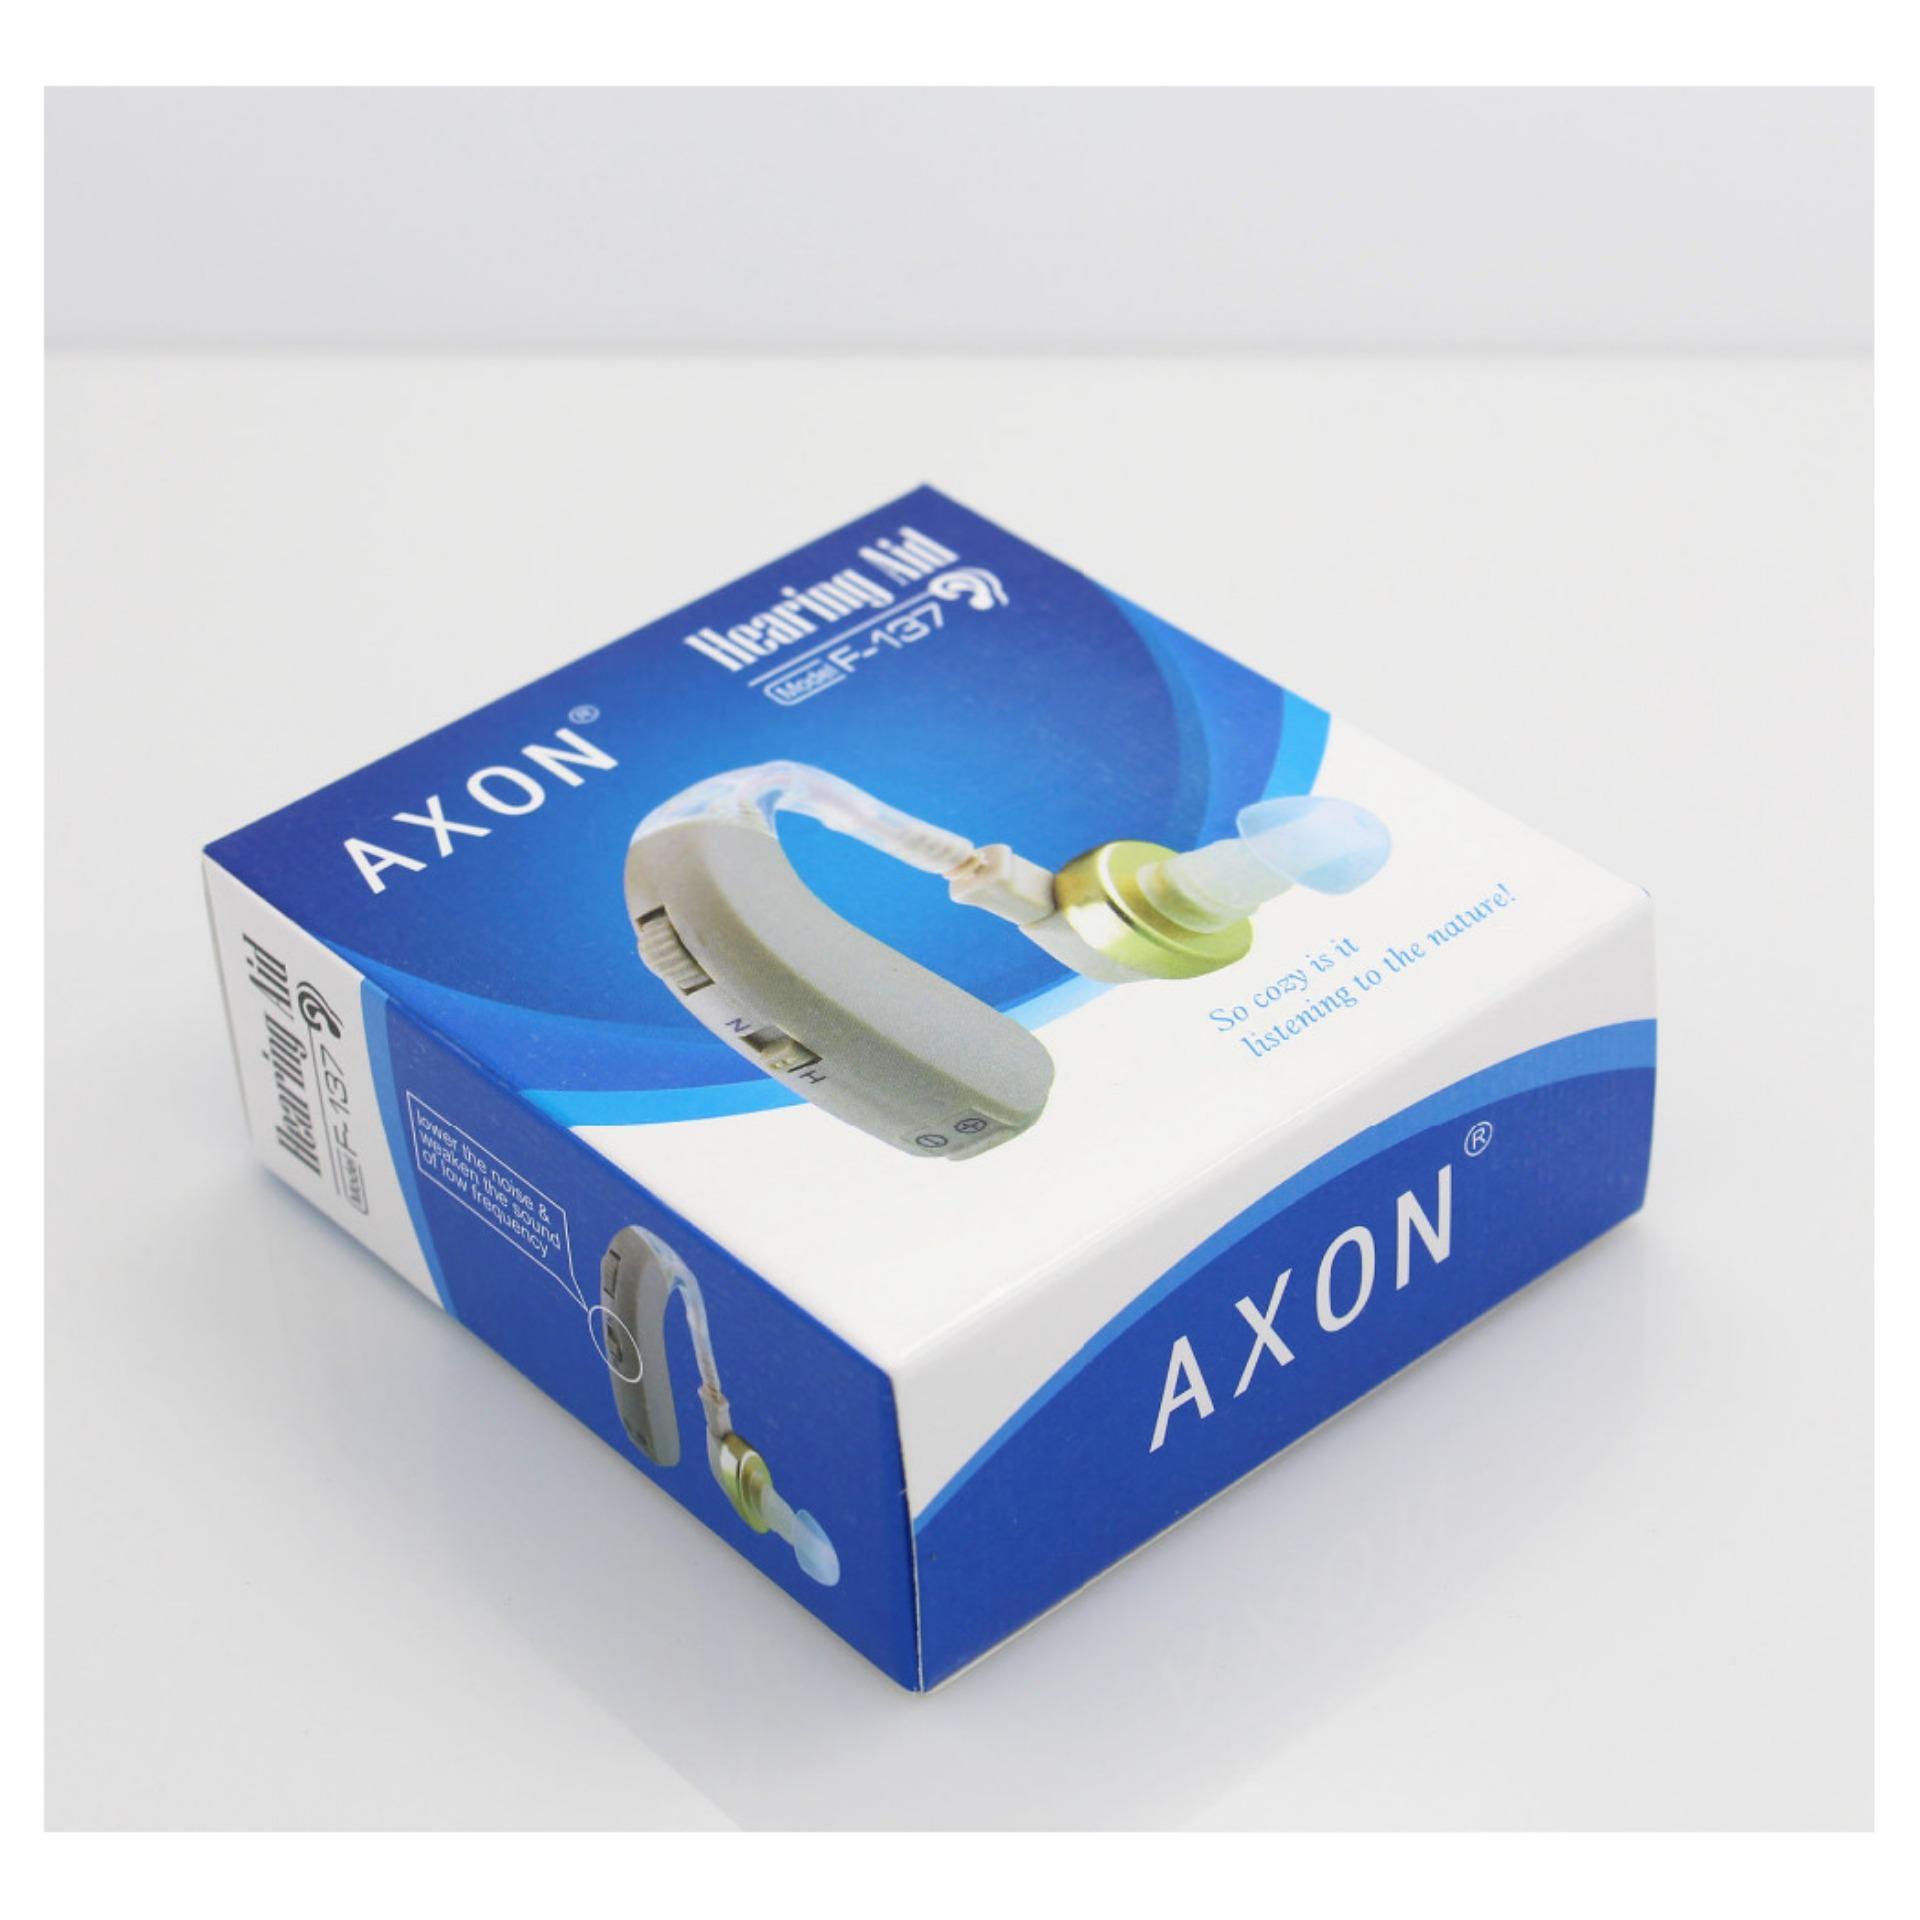 ... Hearing Aid Axon F-137 (Alat Bantu Pendengaran) ...